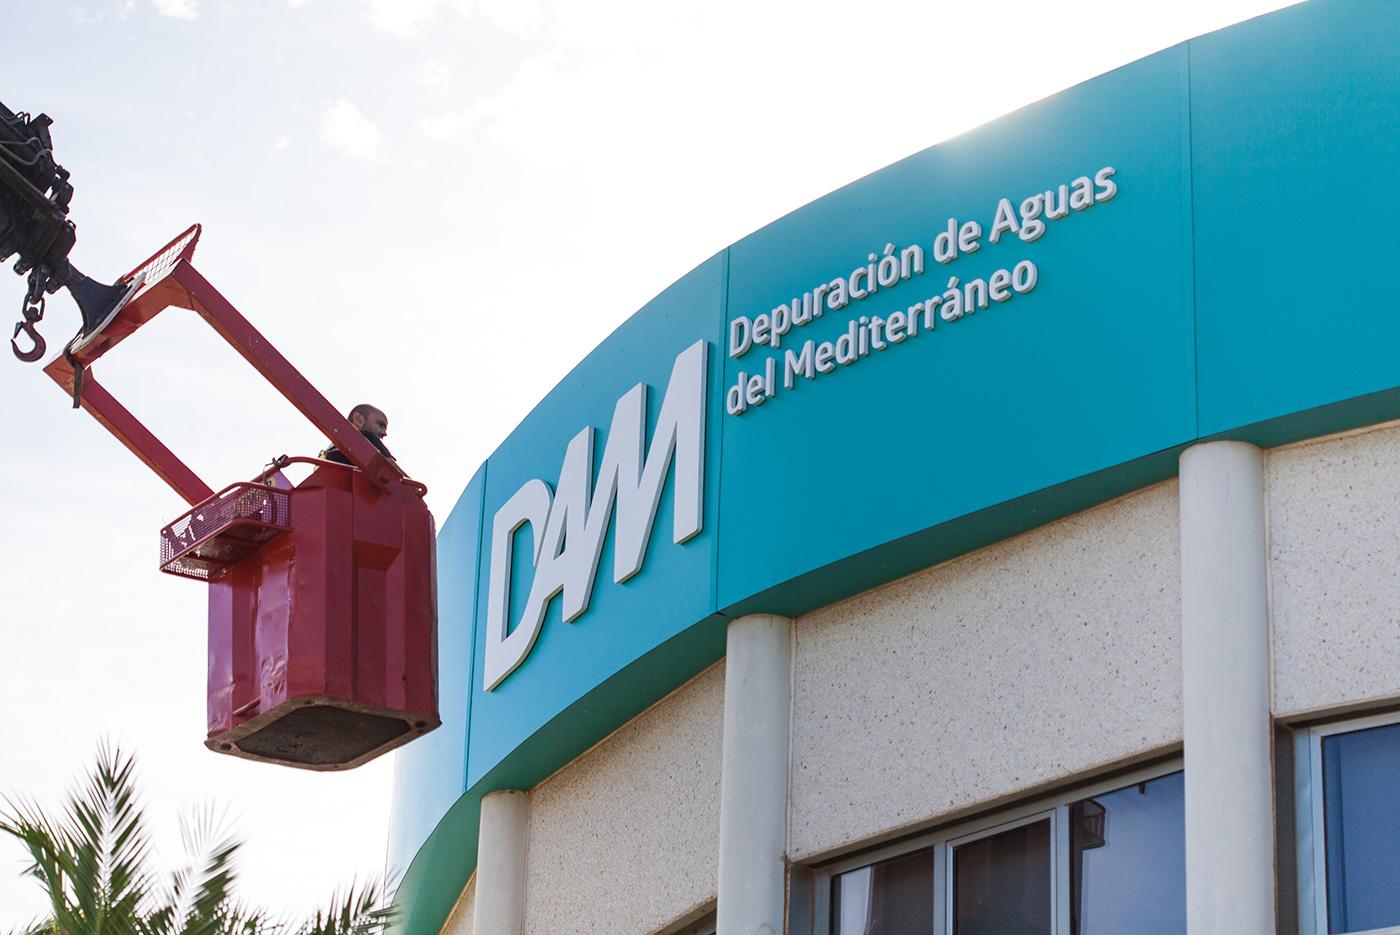 pixelarte-diseno-grafico-rotulacion-valencia-Dam_Depuracion_Aguas_Mediterraneo